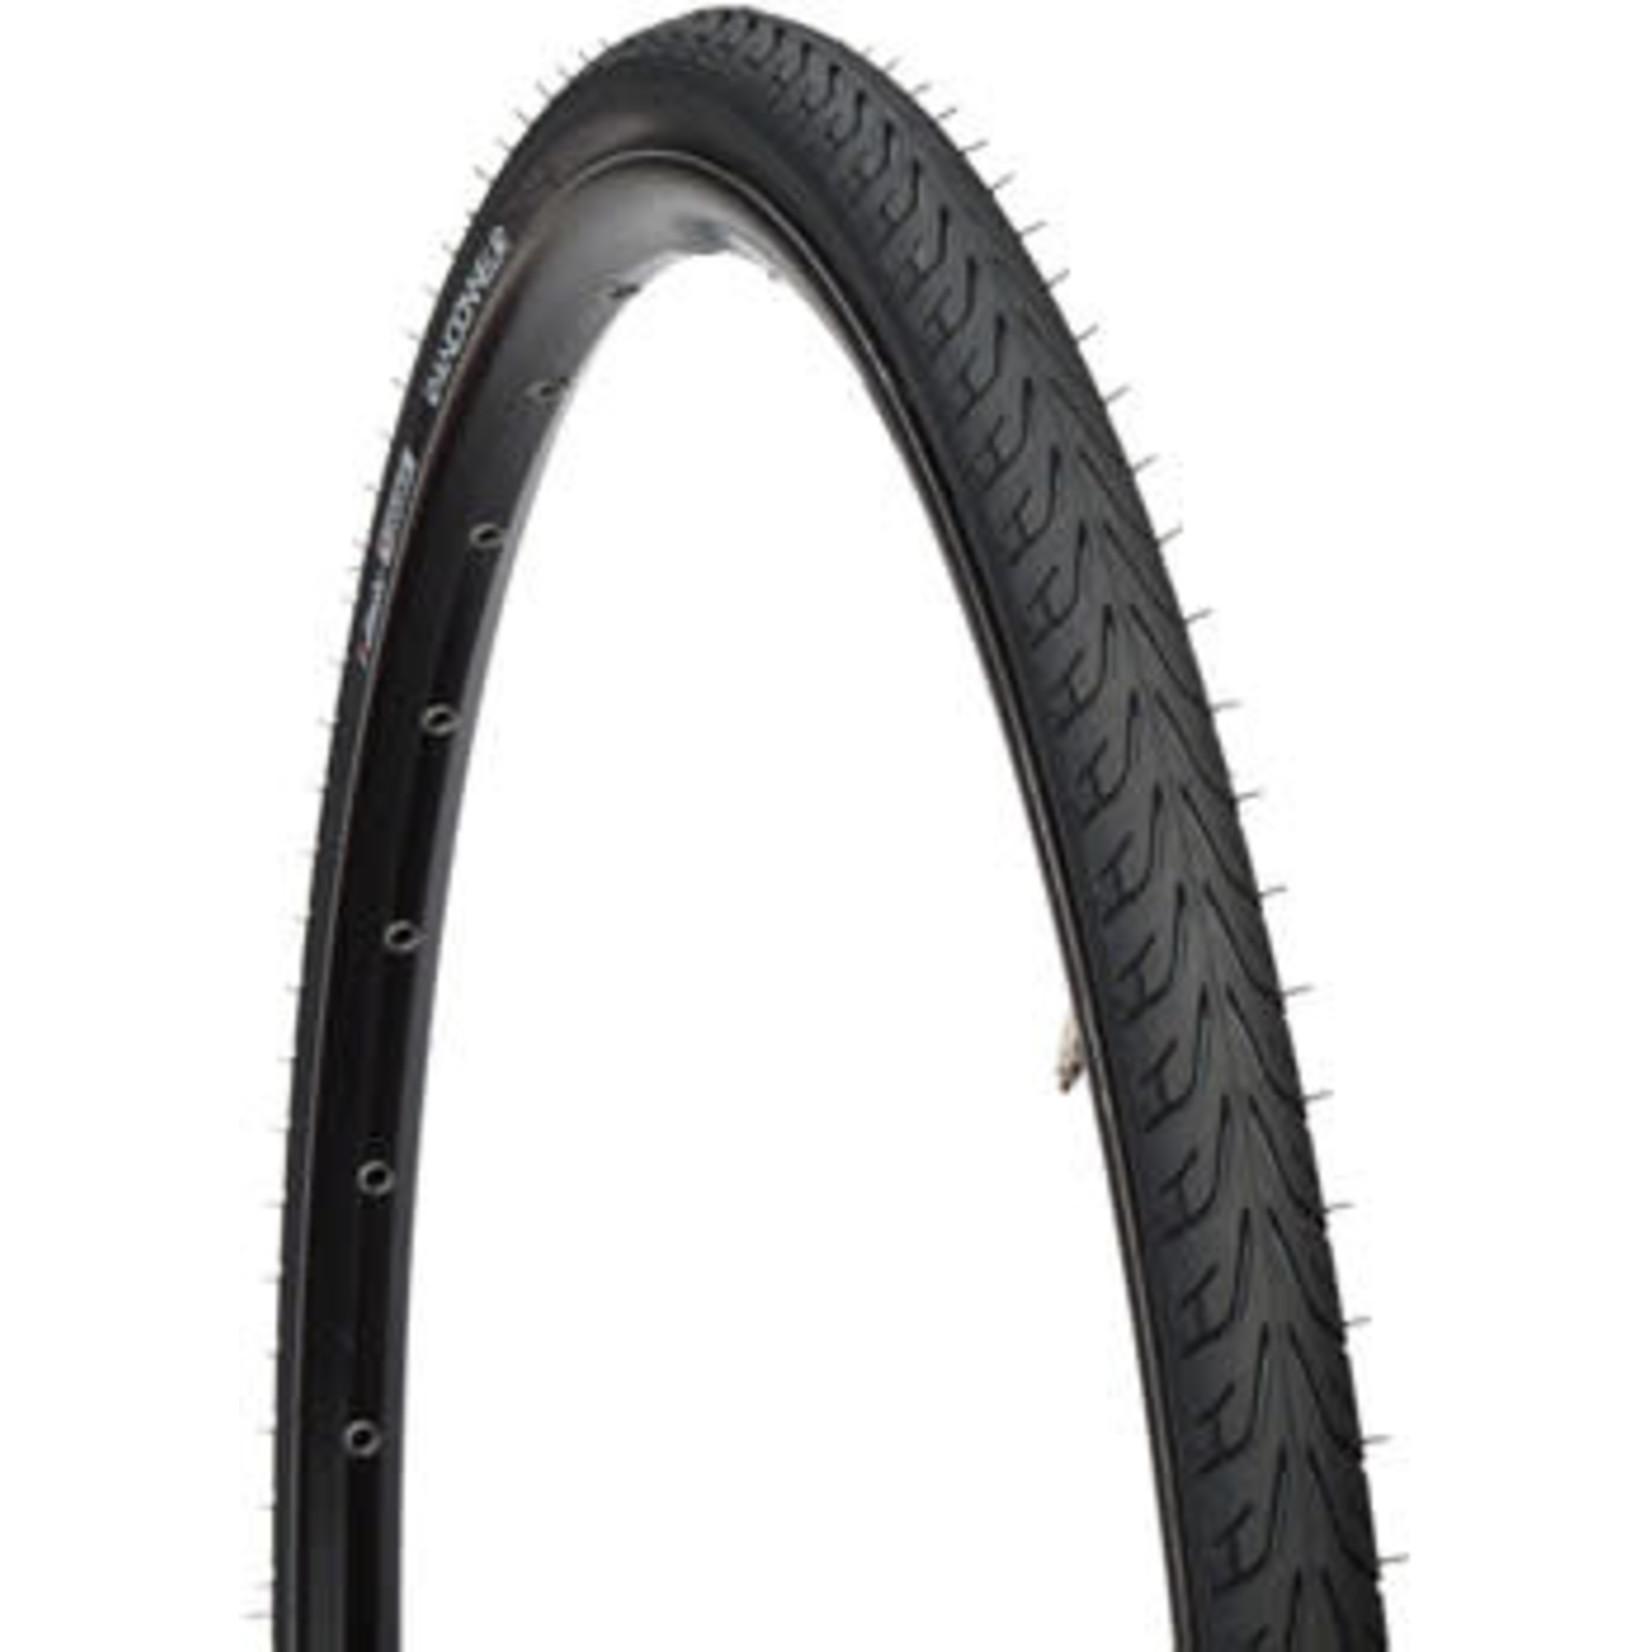 Vittoria Vittoria Randonneur II Tire - 700 x 35, Clincher, Wire, Black, 33tpi